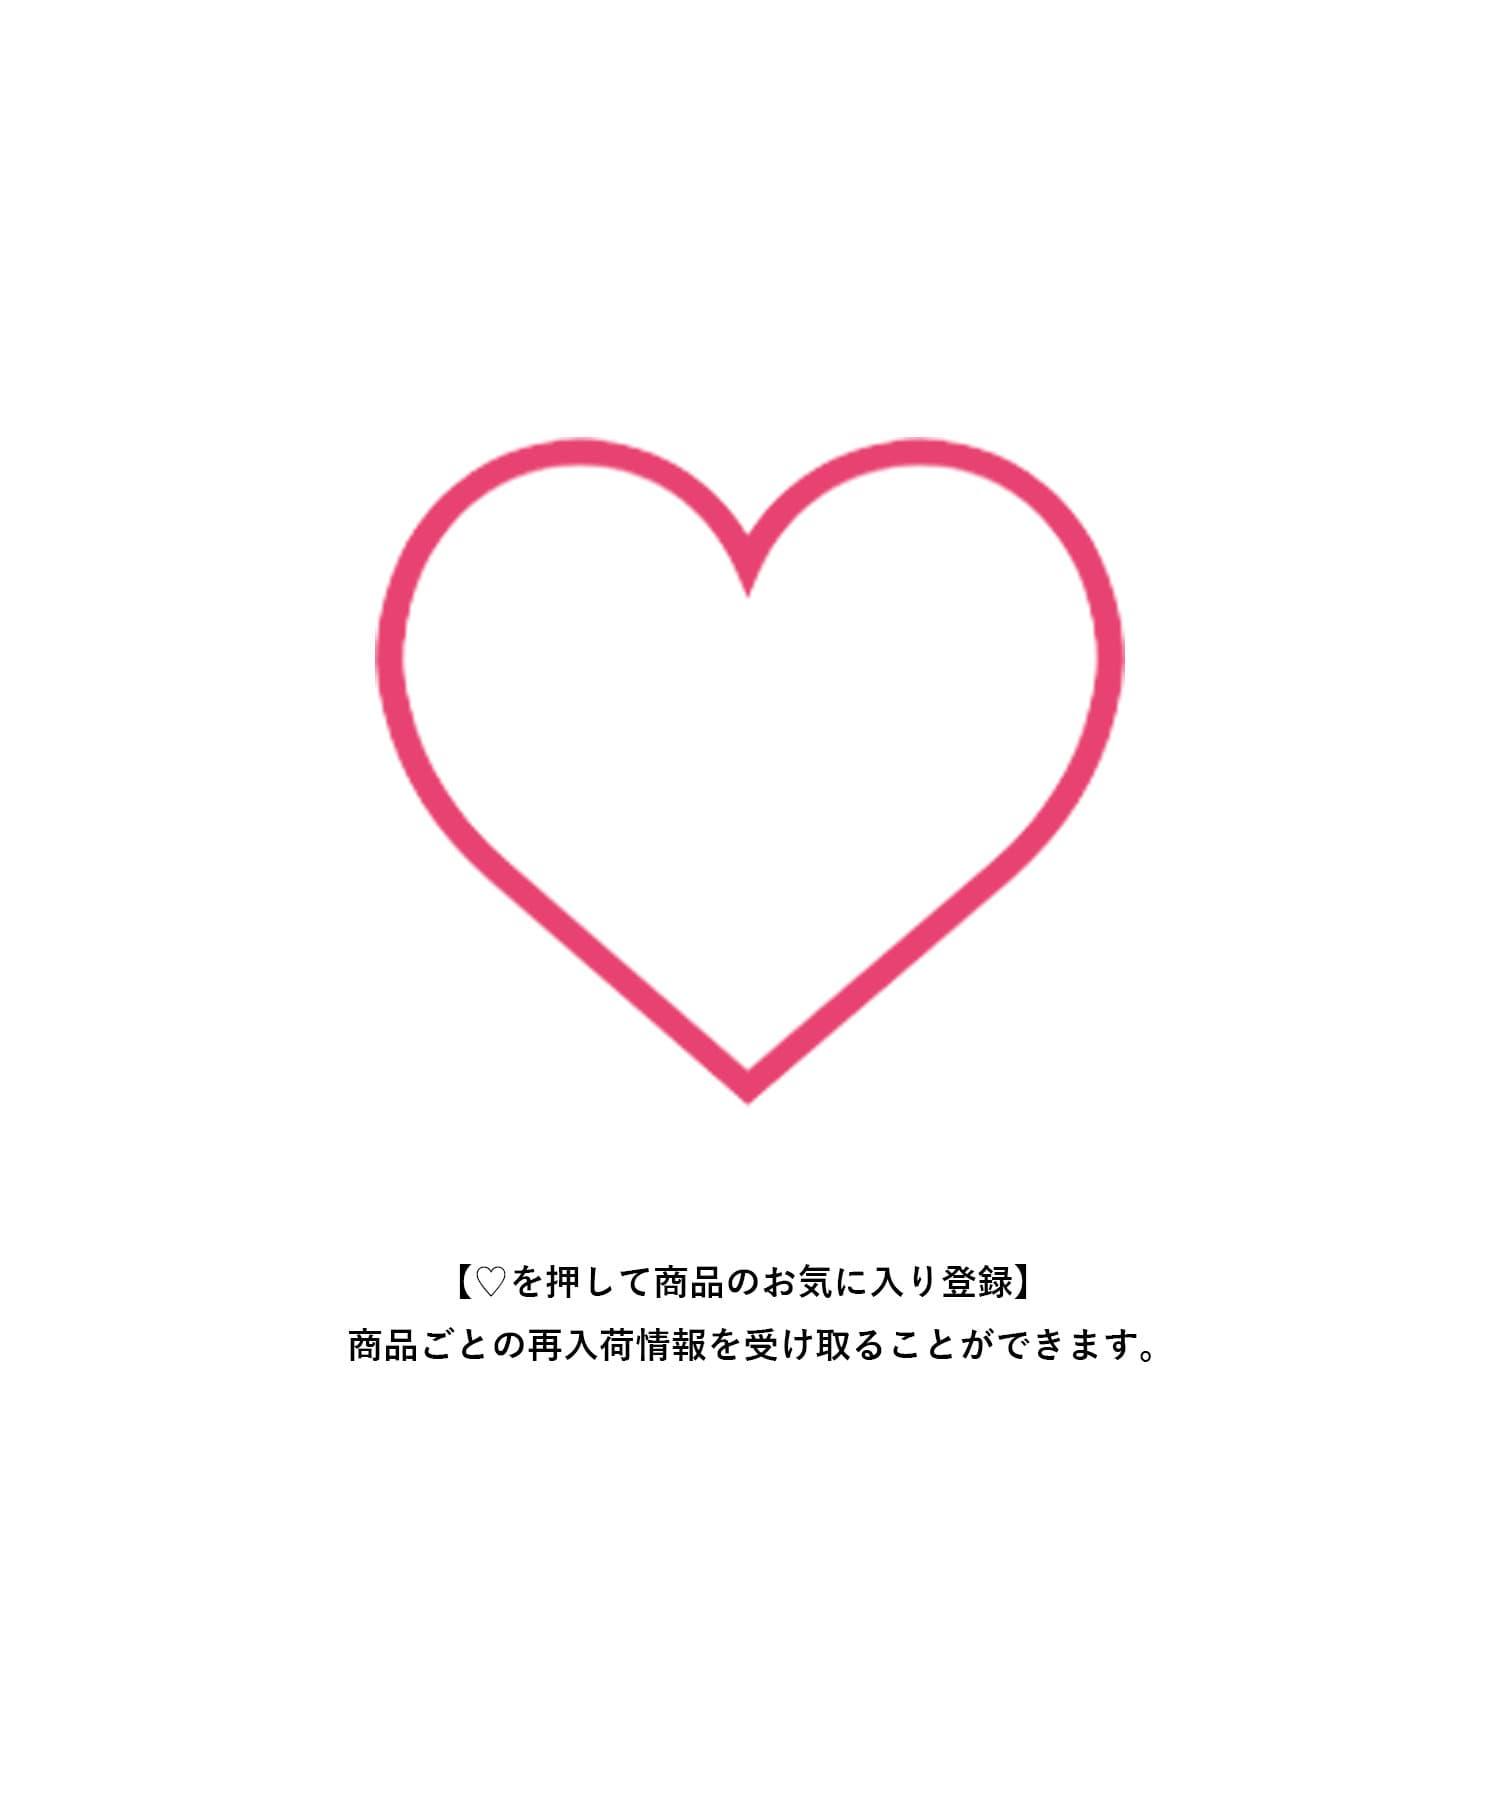 COLLAGE GALLARDAGALANTE(コラージュ ガリャルダガランテ) 【PAPILLONNER/パピヨネ】ビーズコンビチェーンネックレス